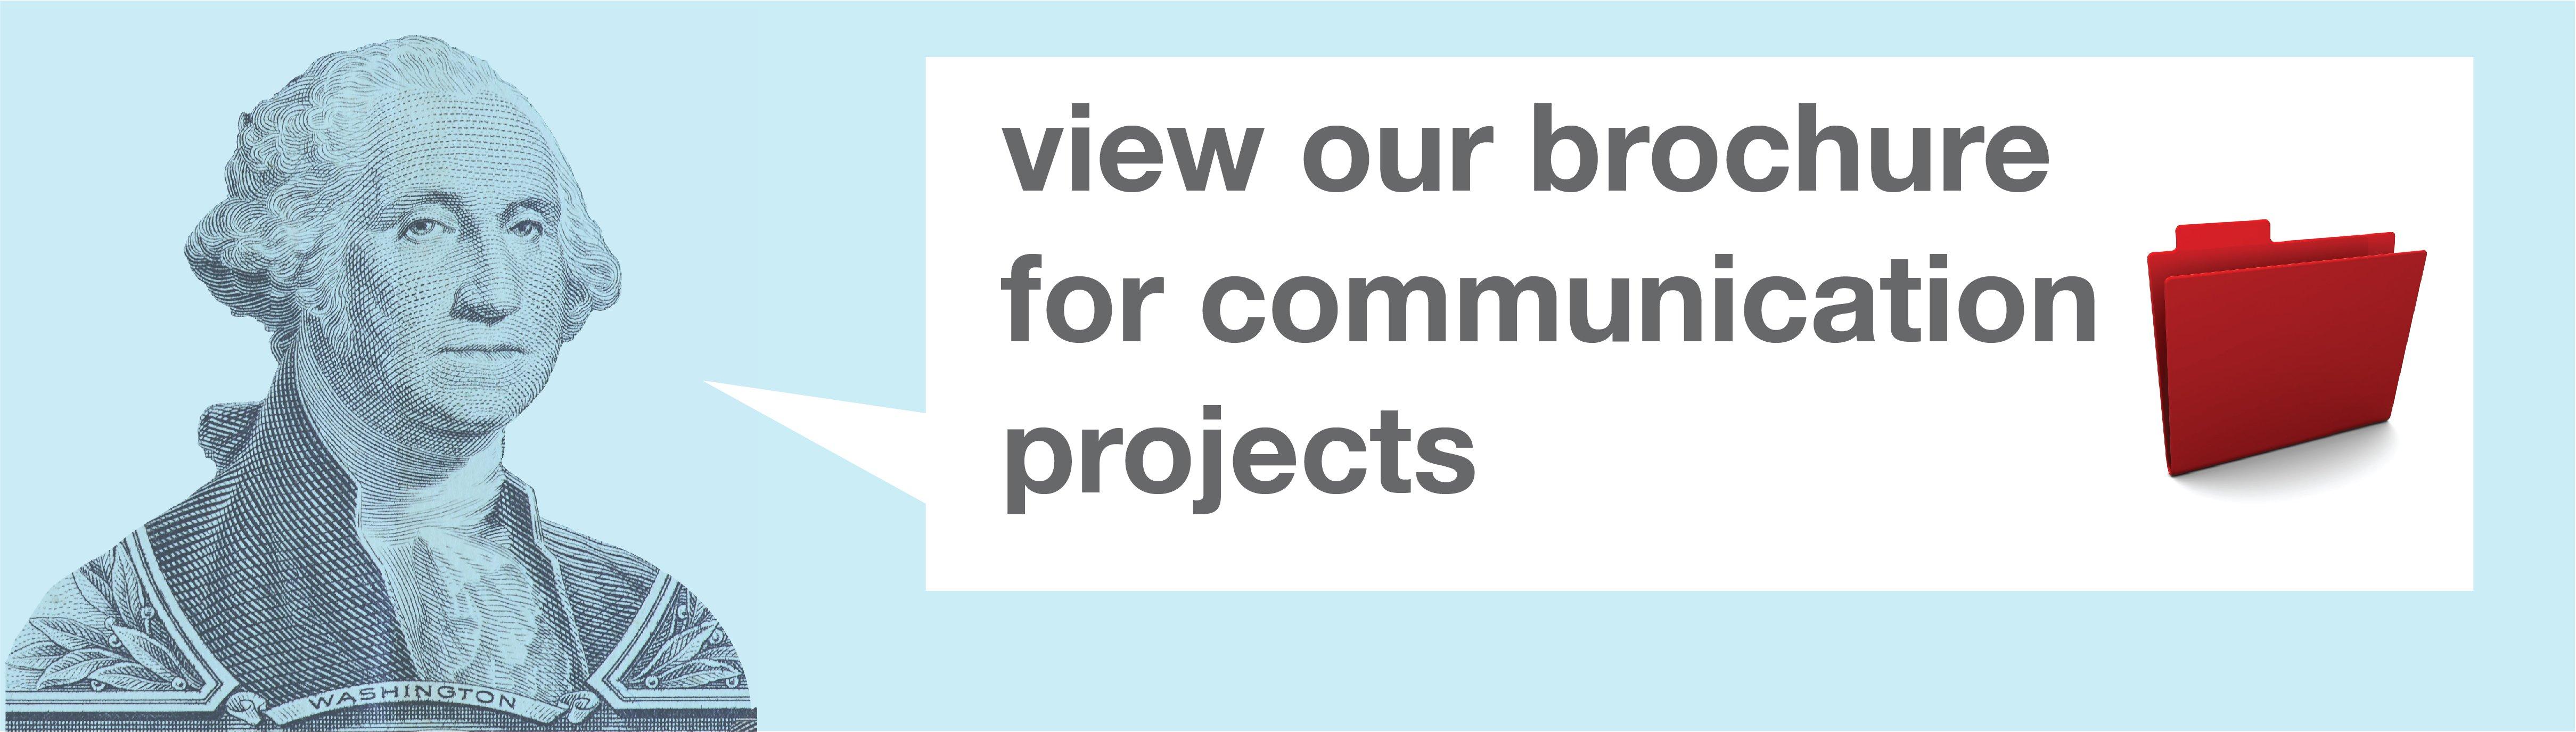 communication projects dubai